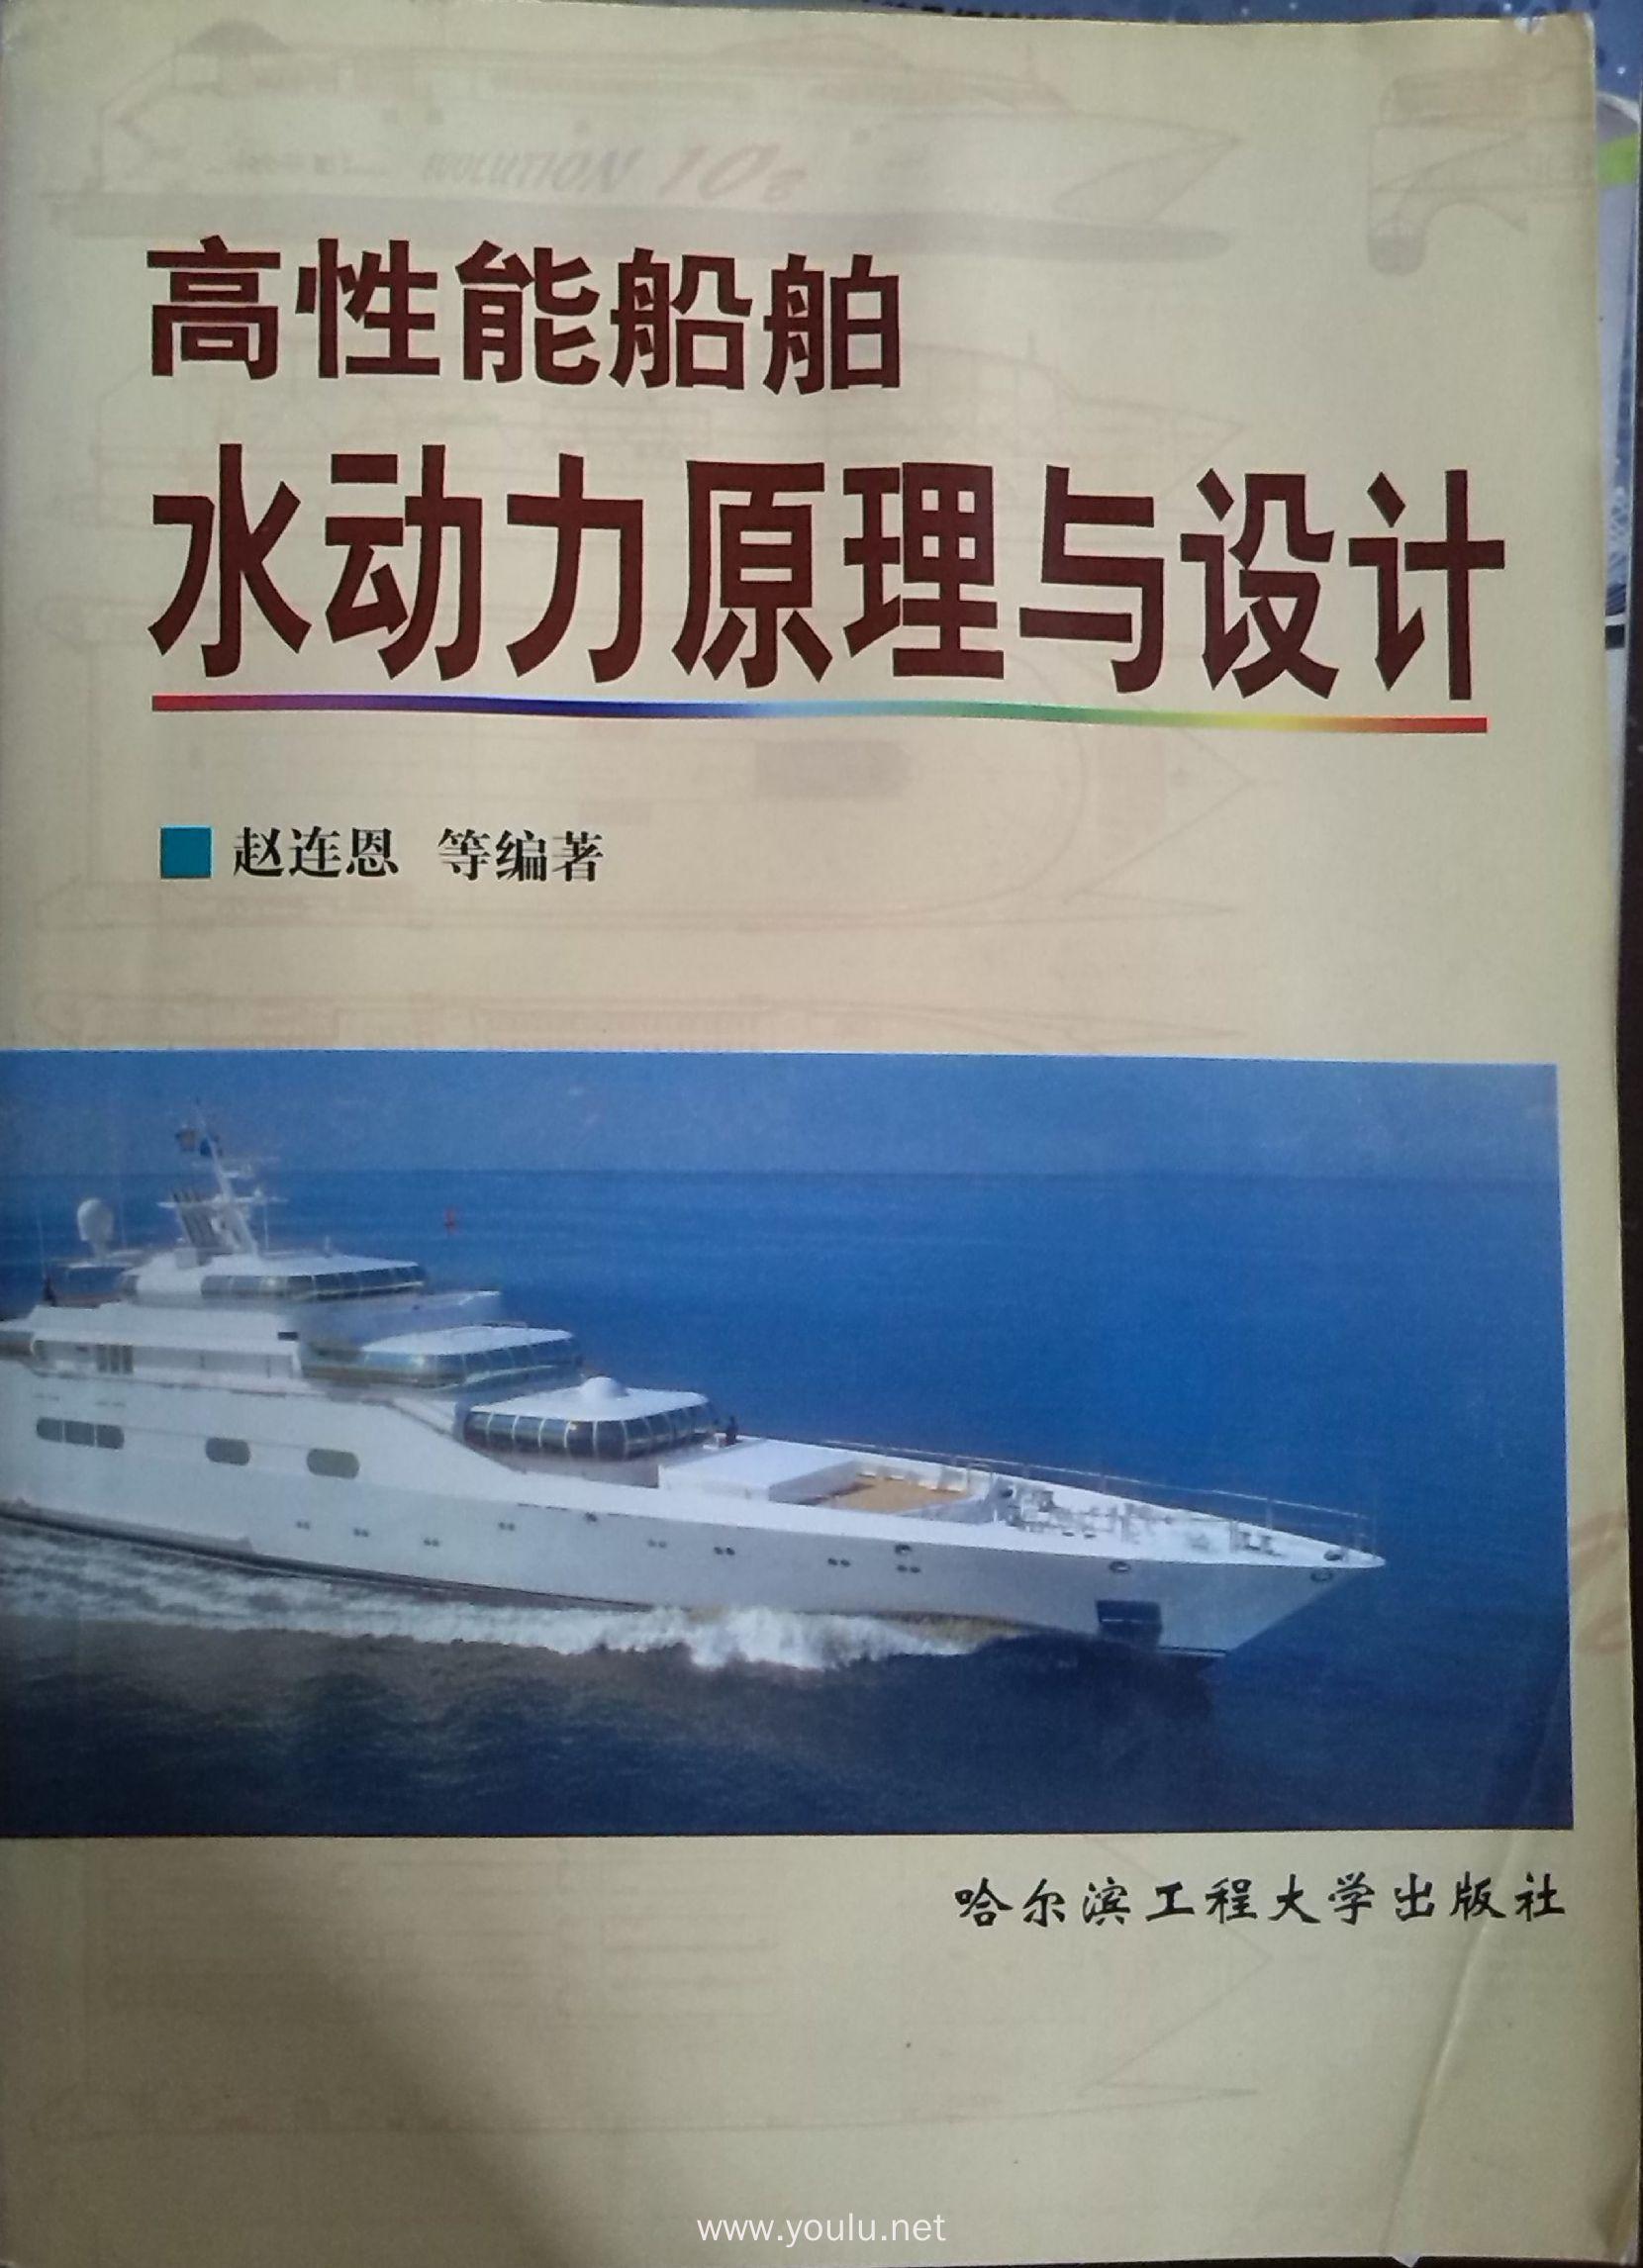 高性能船舶水动力原理与设计